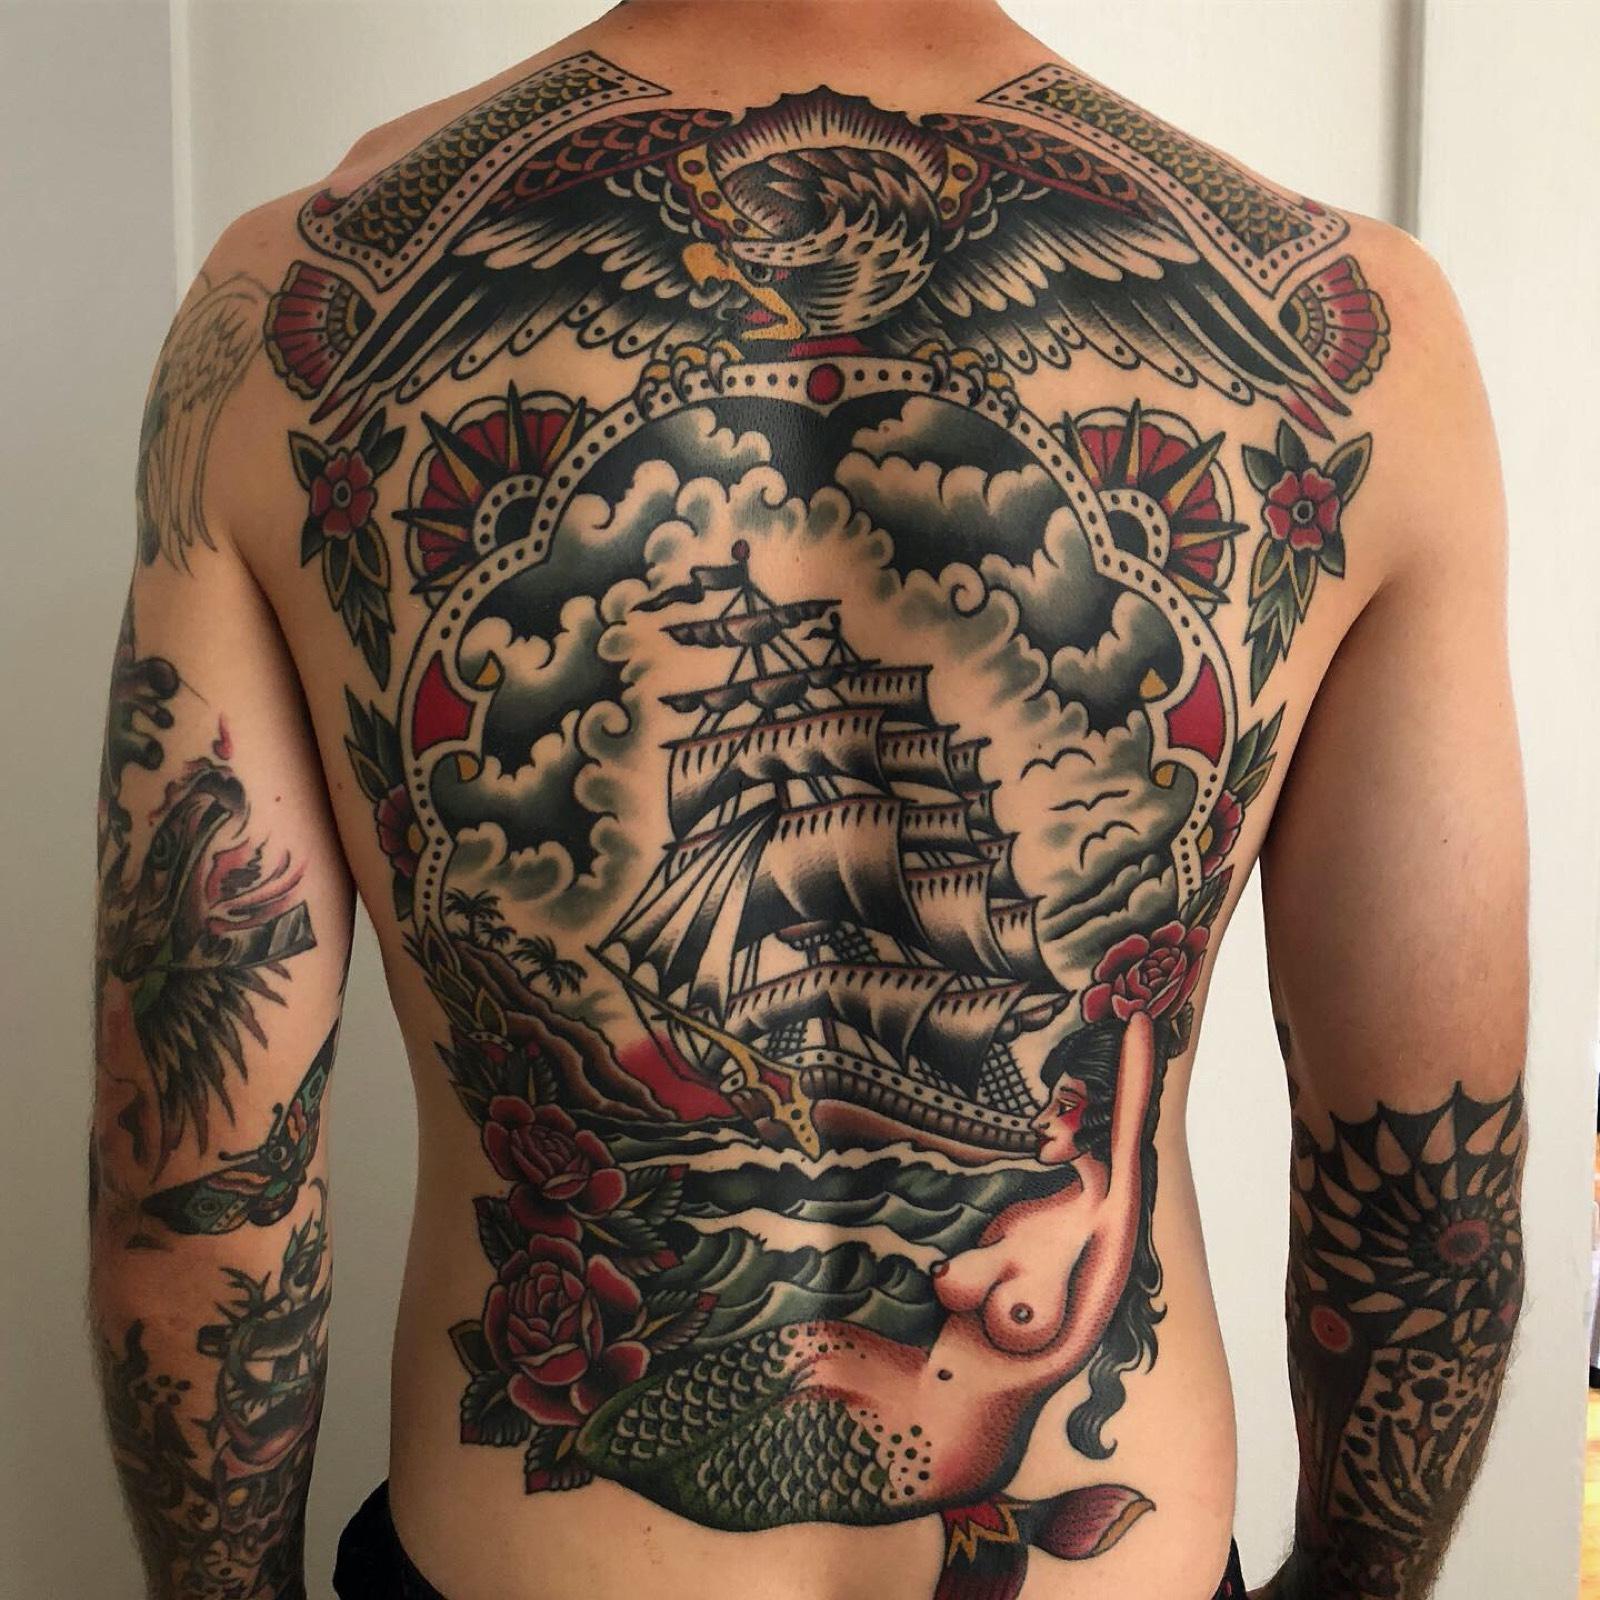 Paul-Dobleman-black-heart-tattoo-1-2020